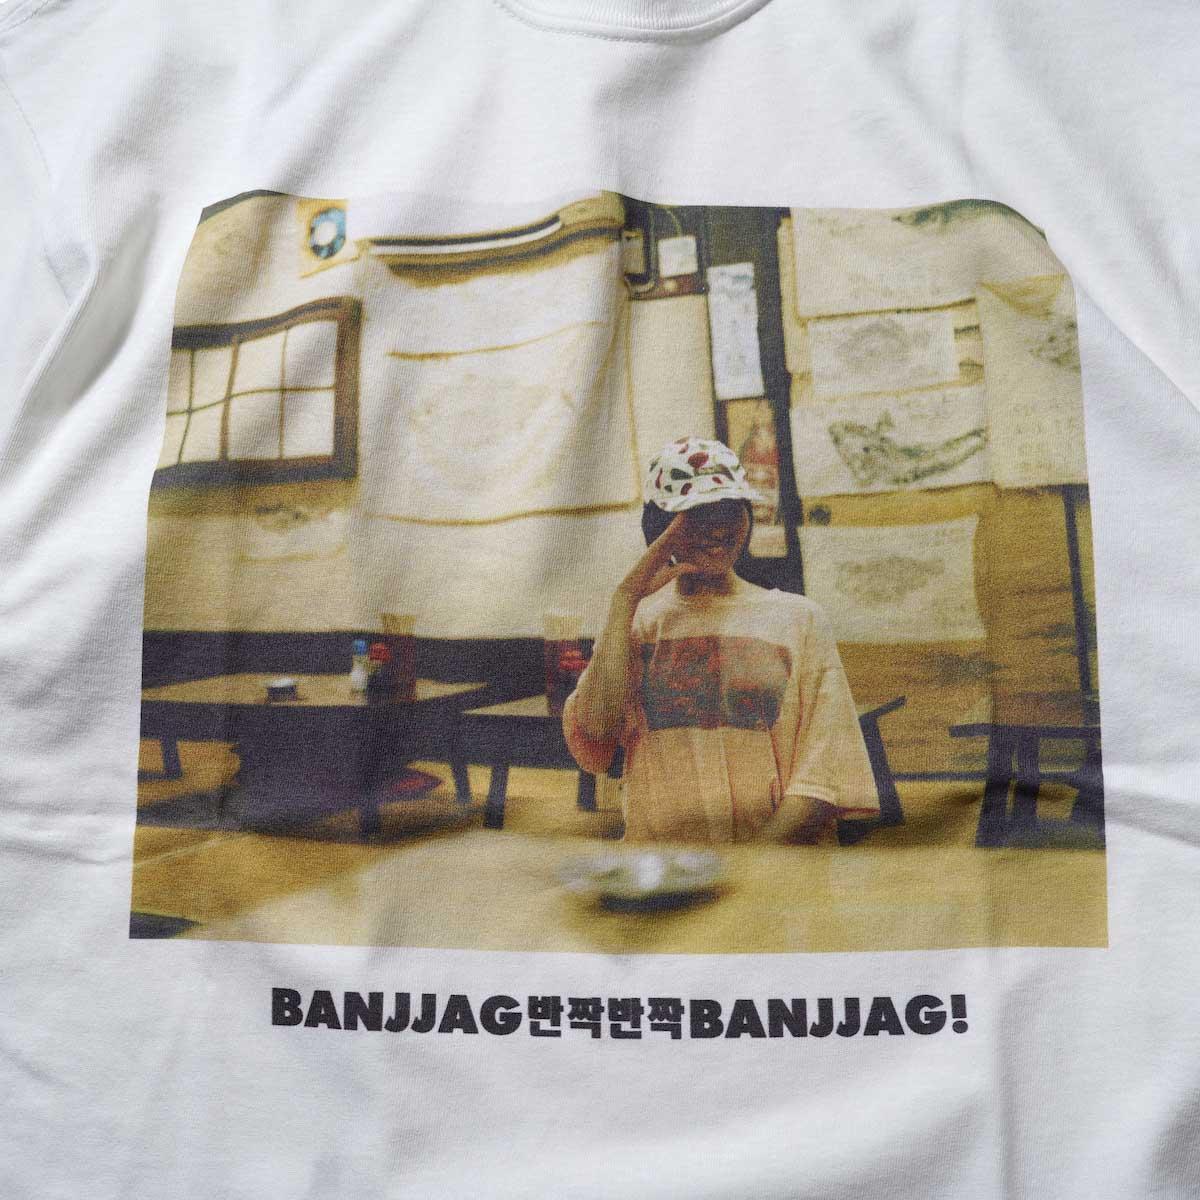 TANGTANG / GASATANG -BANJJAG BANJJAG!- (White)プリント